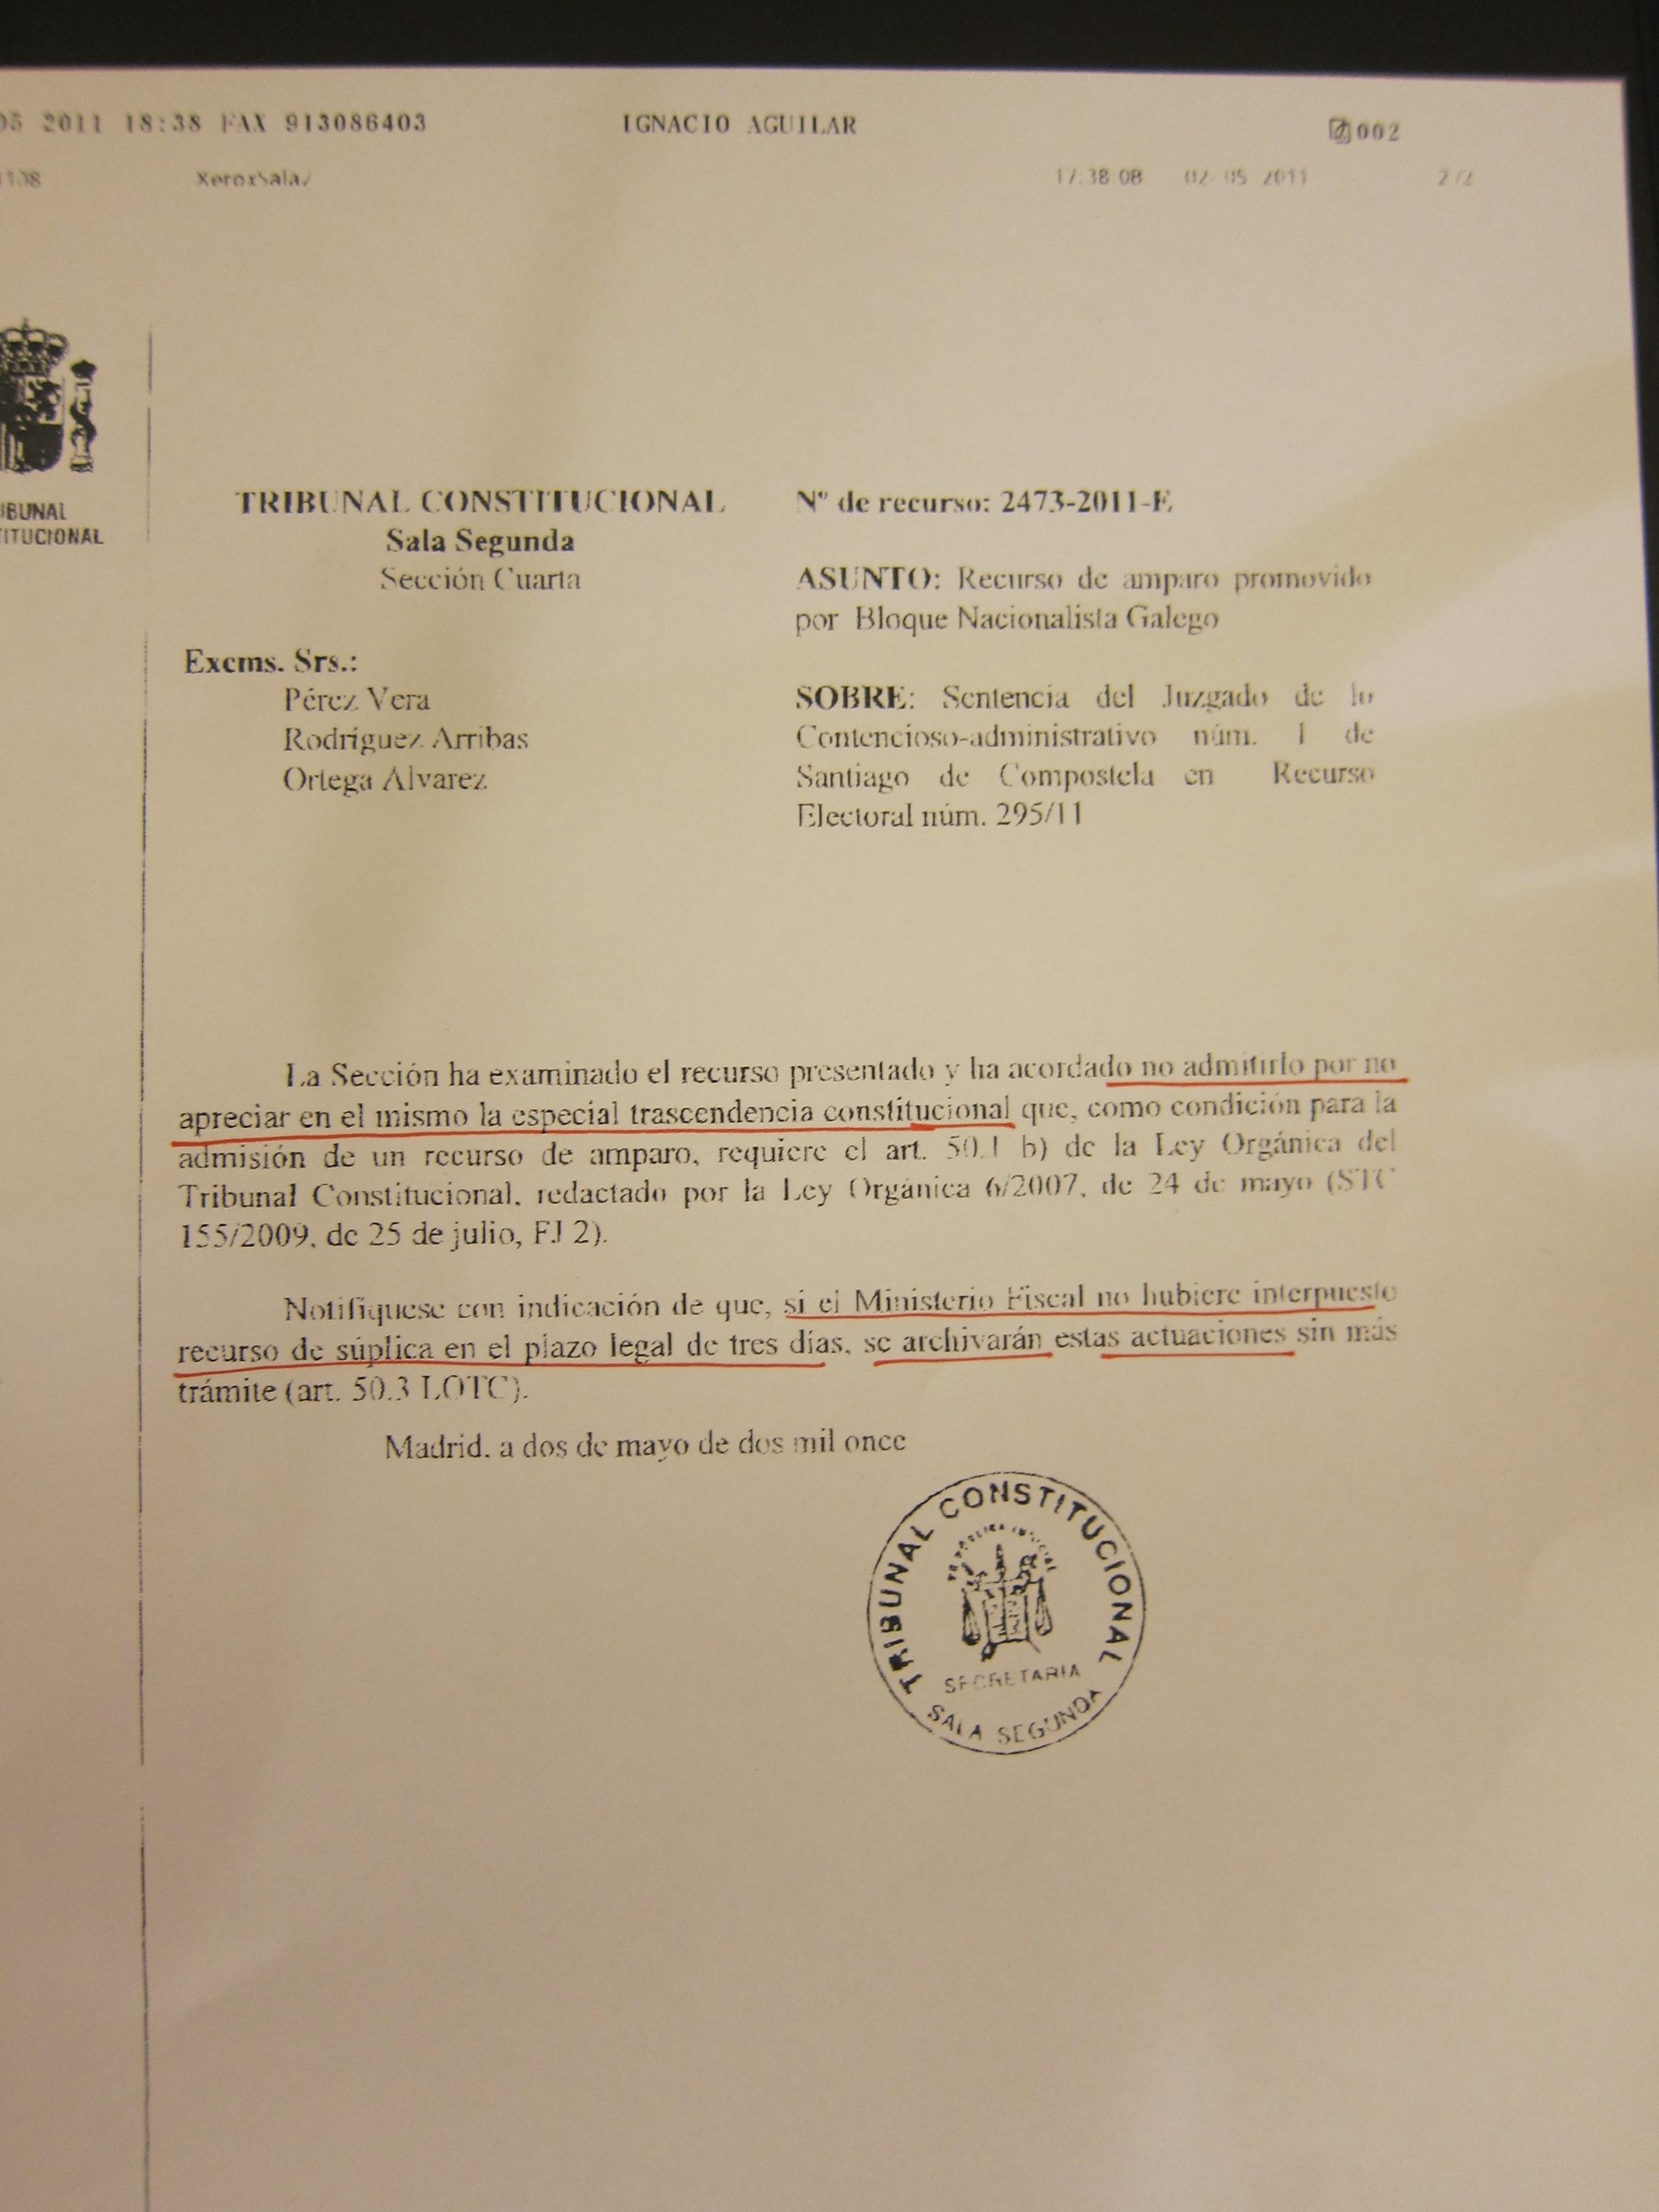 El TC sigue deliberando hoy sobre el caso de Fernández de Larrinoa, que le servirá para acordar su postura